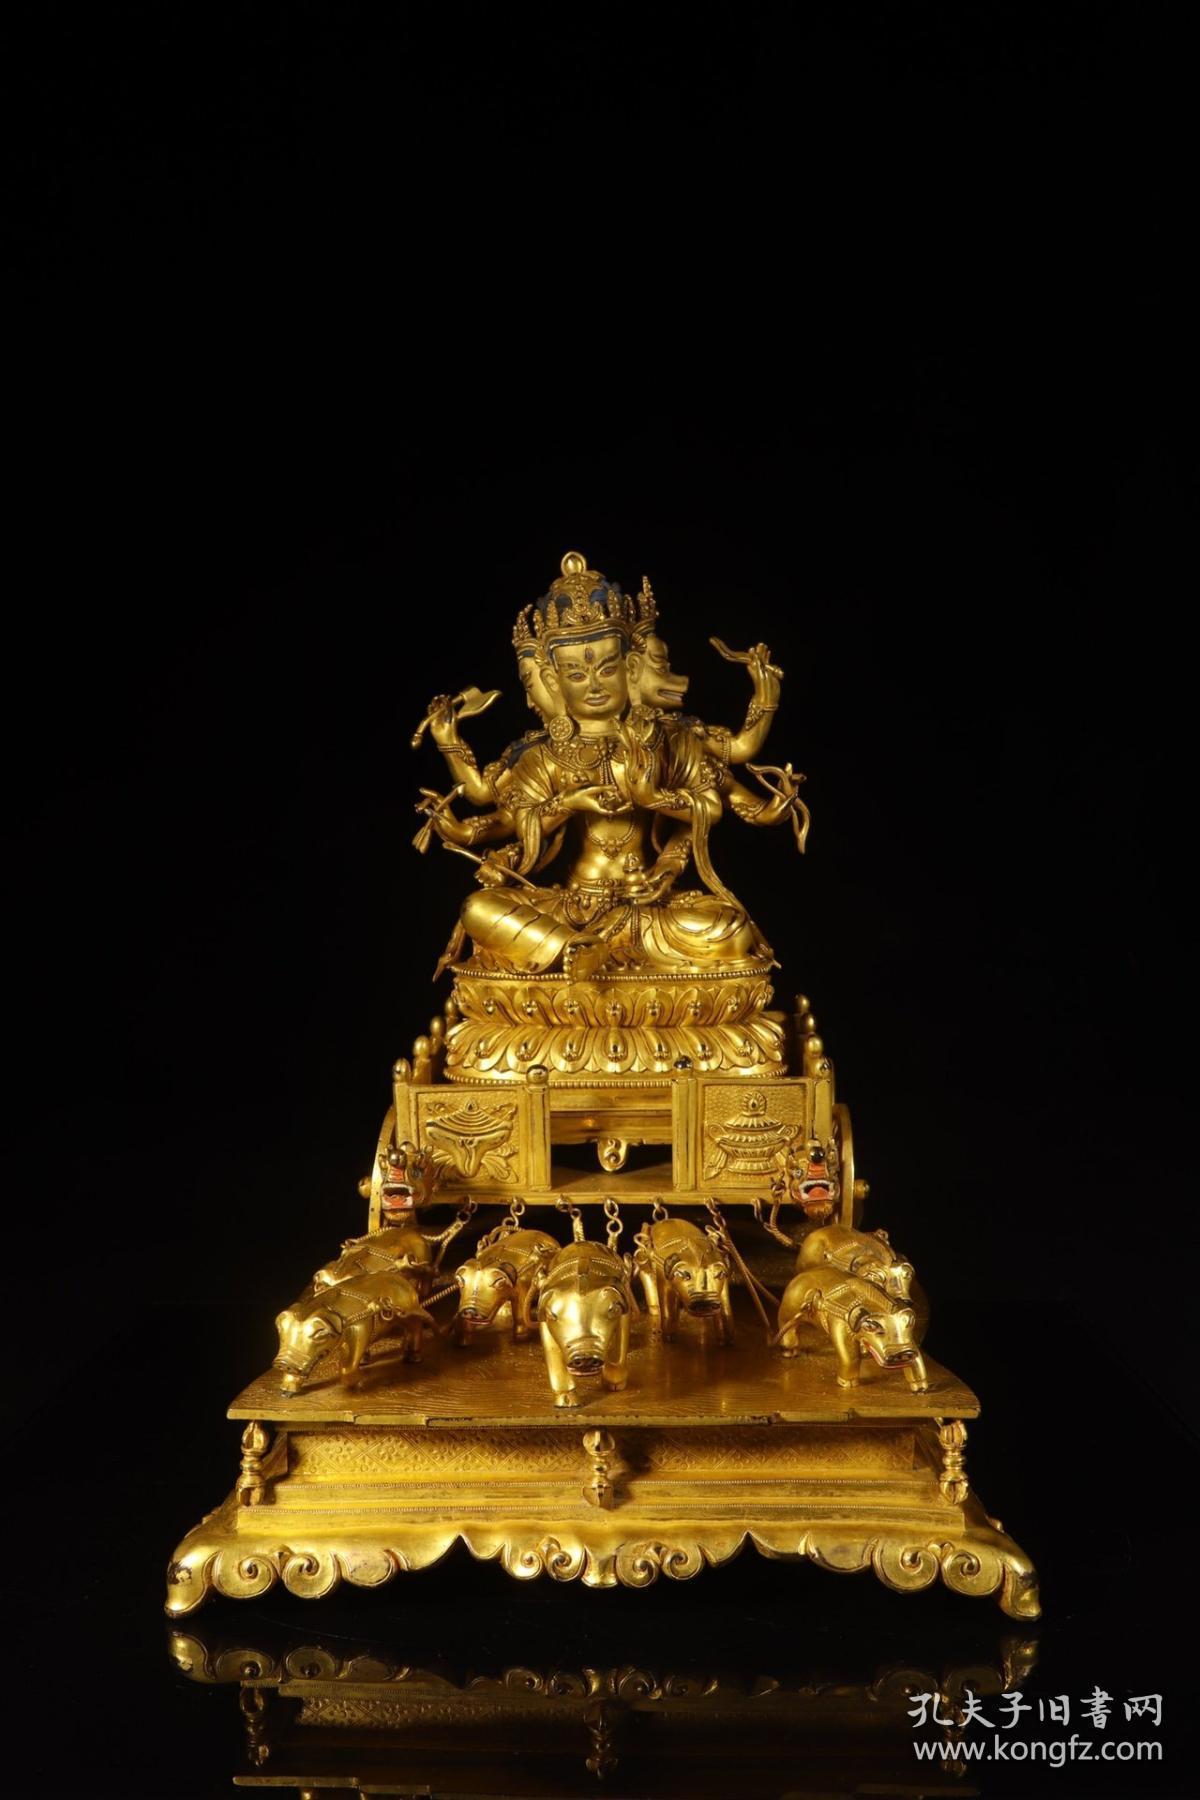 清代,铜鎏金摩利支天三面八臂身坐像摆件